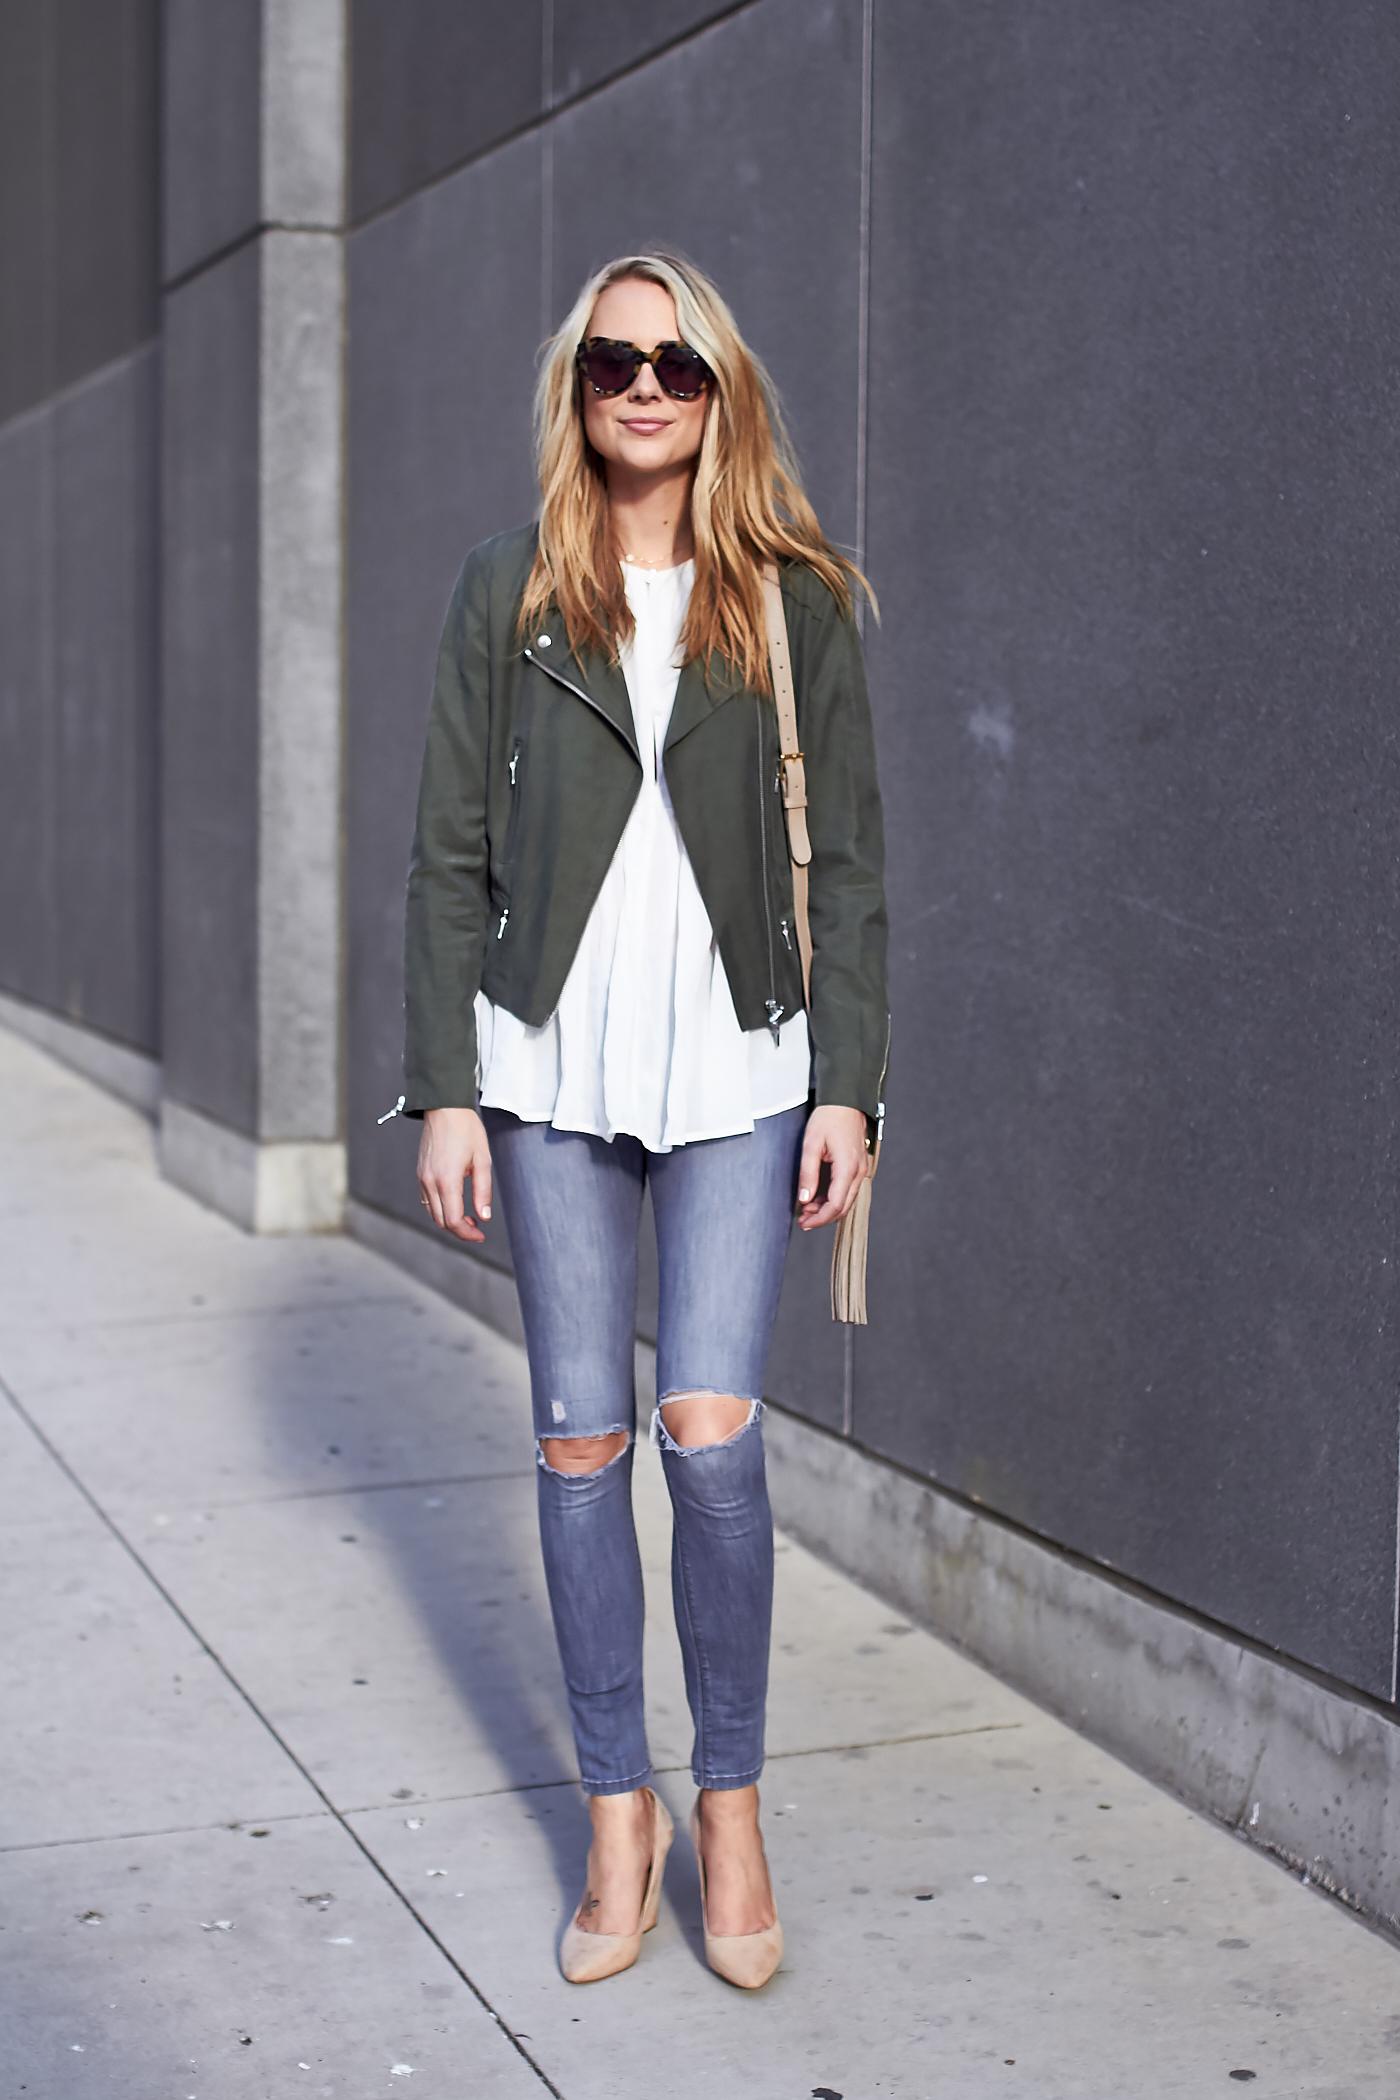 fashion-jackson-club-monaco-kapri-moto-jacket-ripped-denim-skinny-jeans